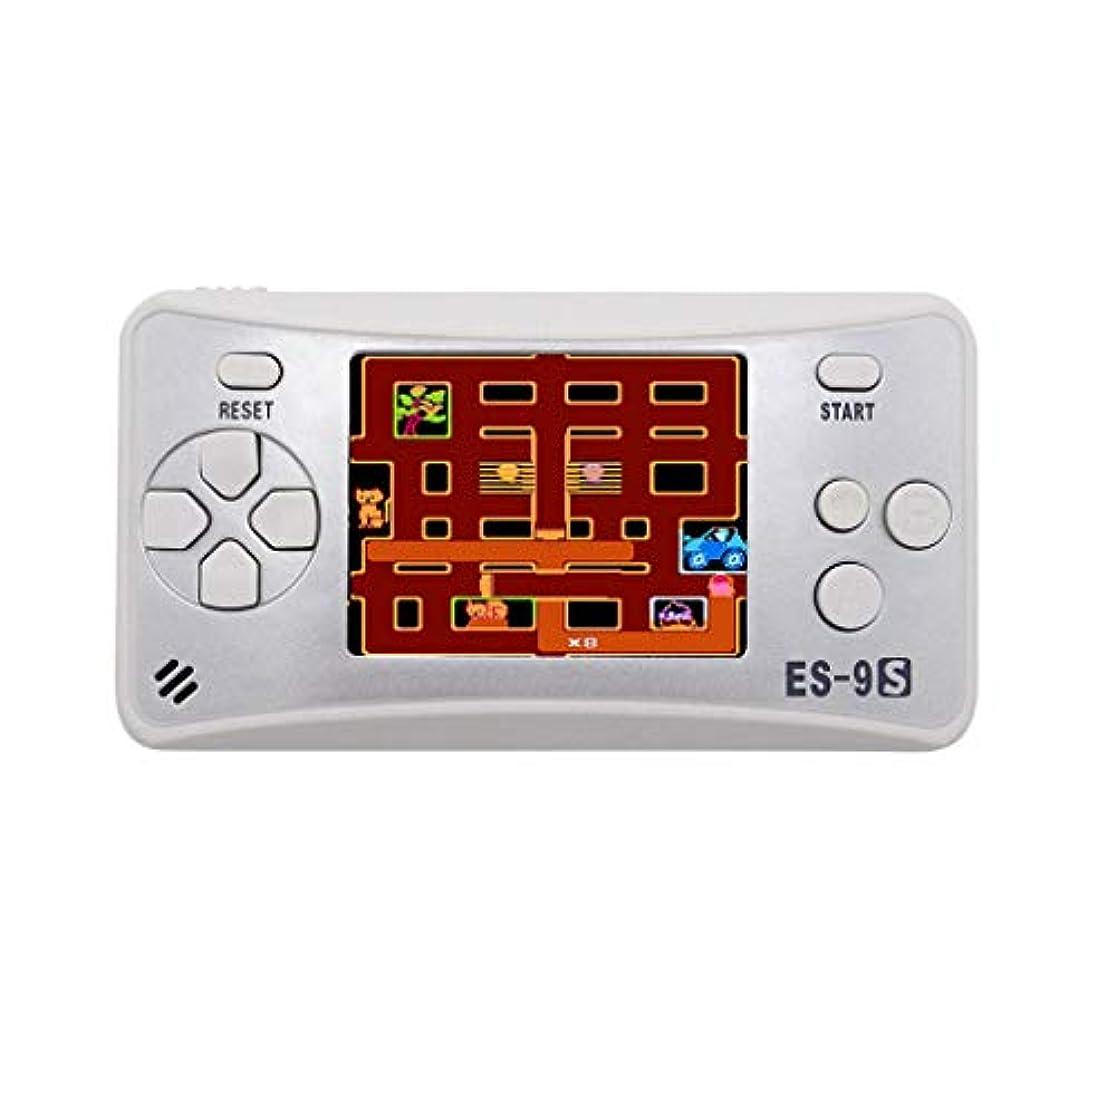 携帯ゲーム機 2.5インチ アーケードゲーム ハンドヘルド ビデオ ゲーム コンソール 内蔵168クラシックゲーム ゲームプレーヤー サポートTVプレイhuajuan